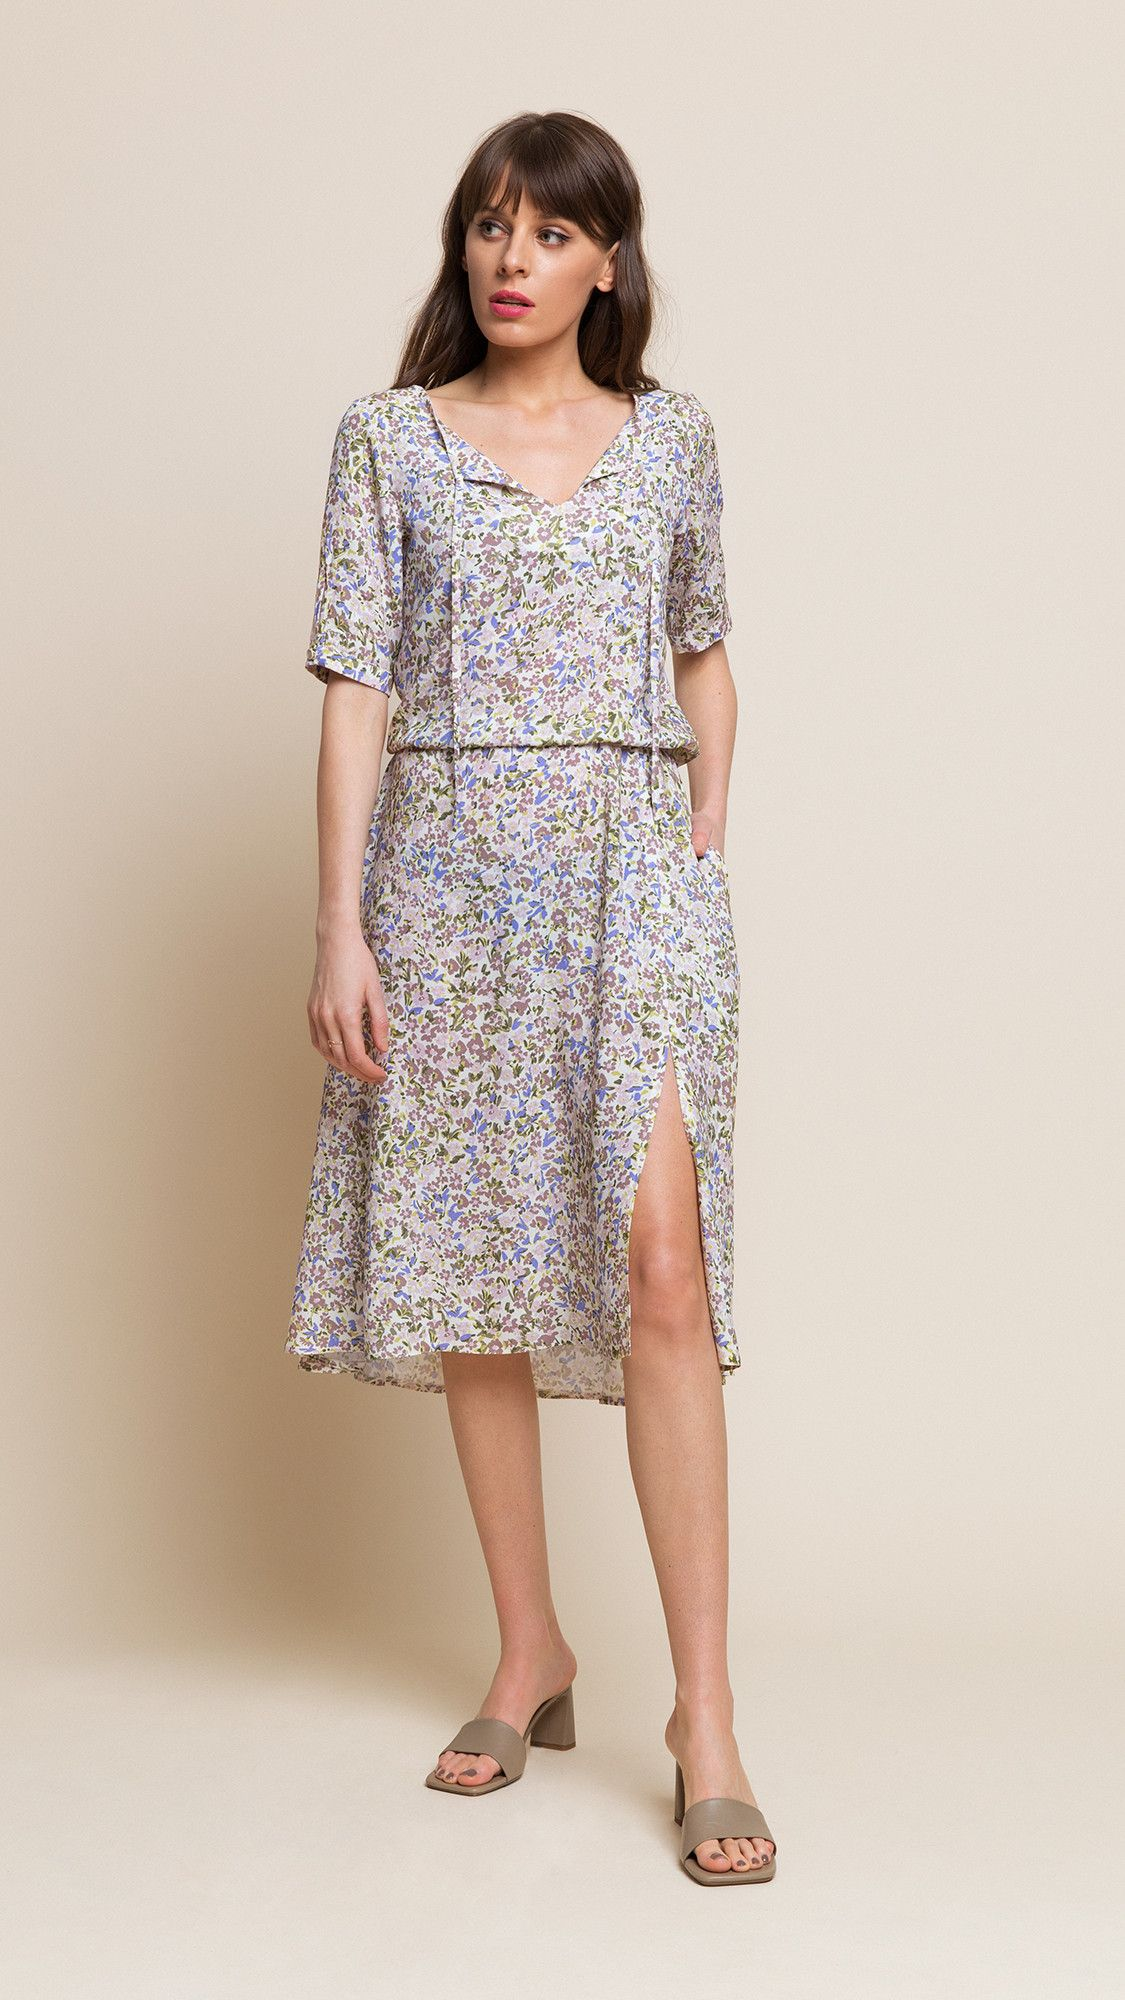 Dress Melissa Floral Beige